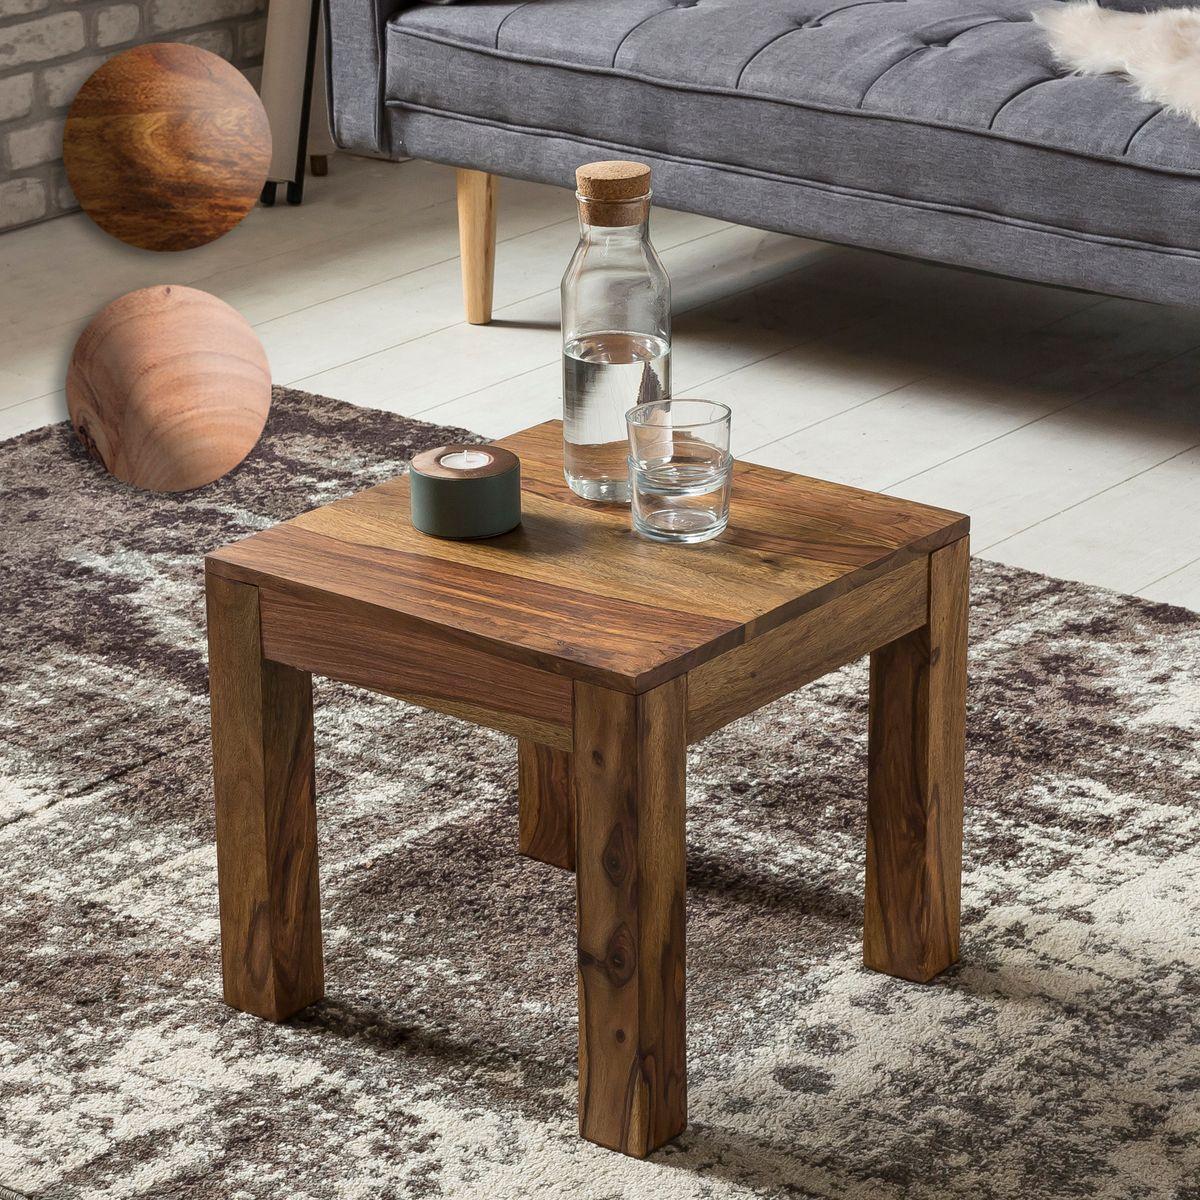 Finebuy couchtisch massiv holz 45 cm breit wohnzimmer for Tisch massiv design